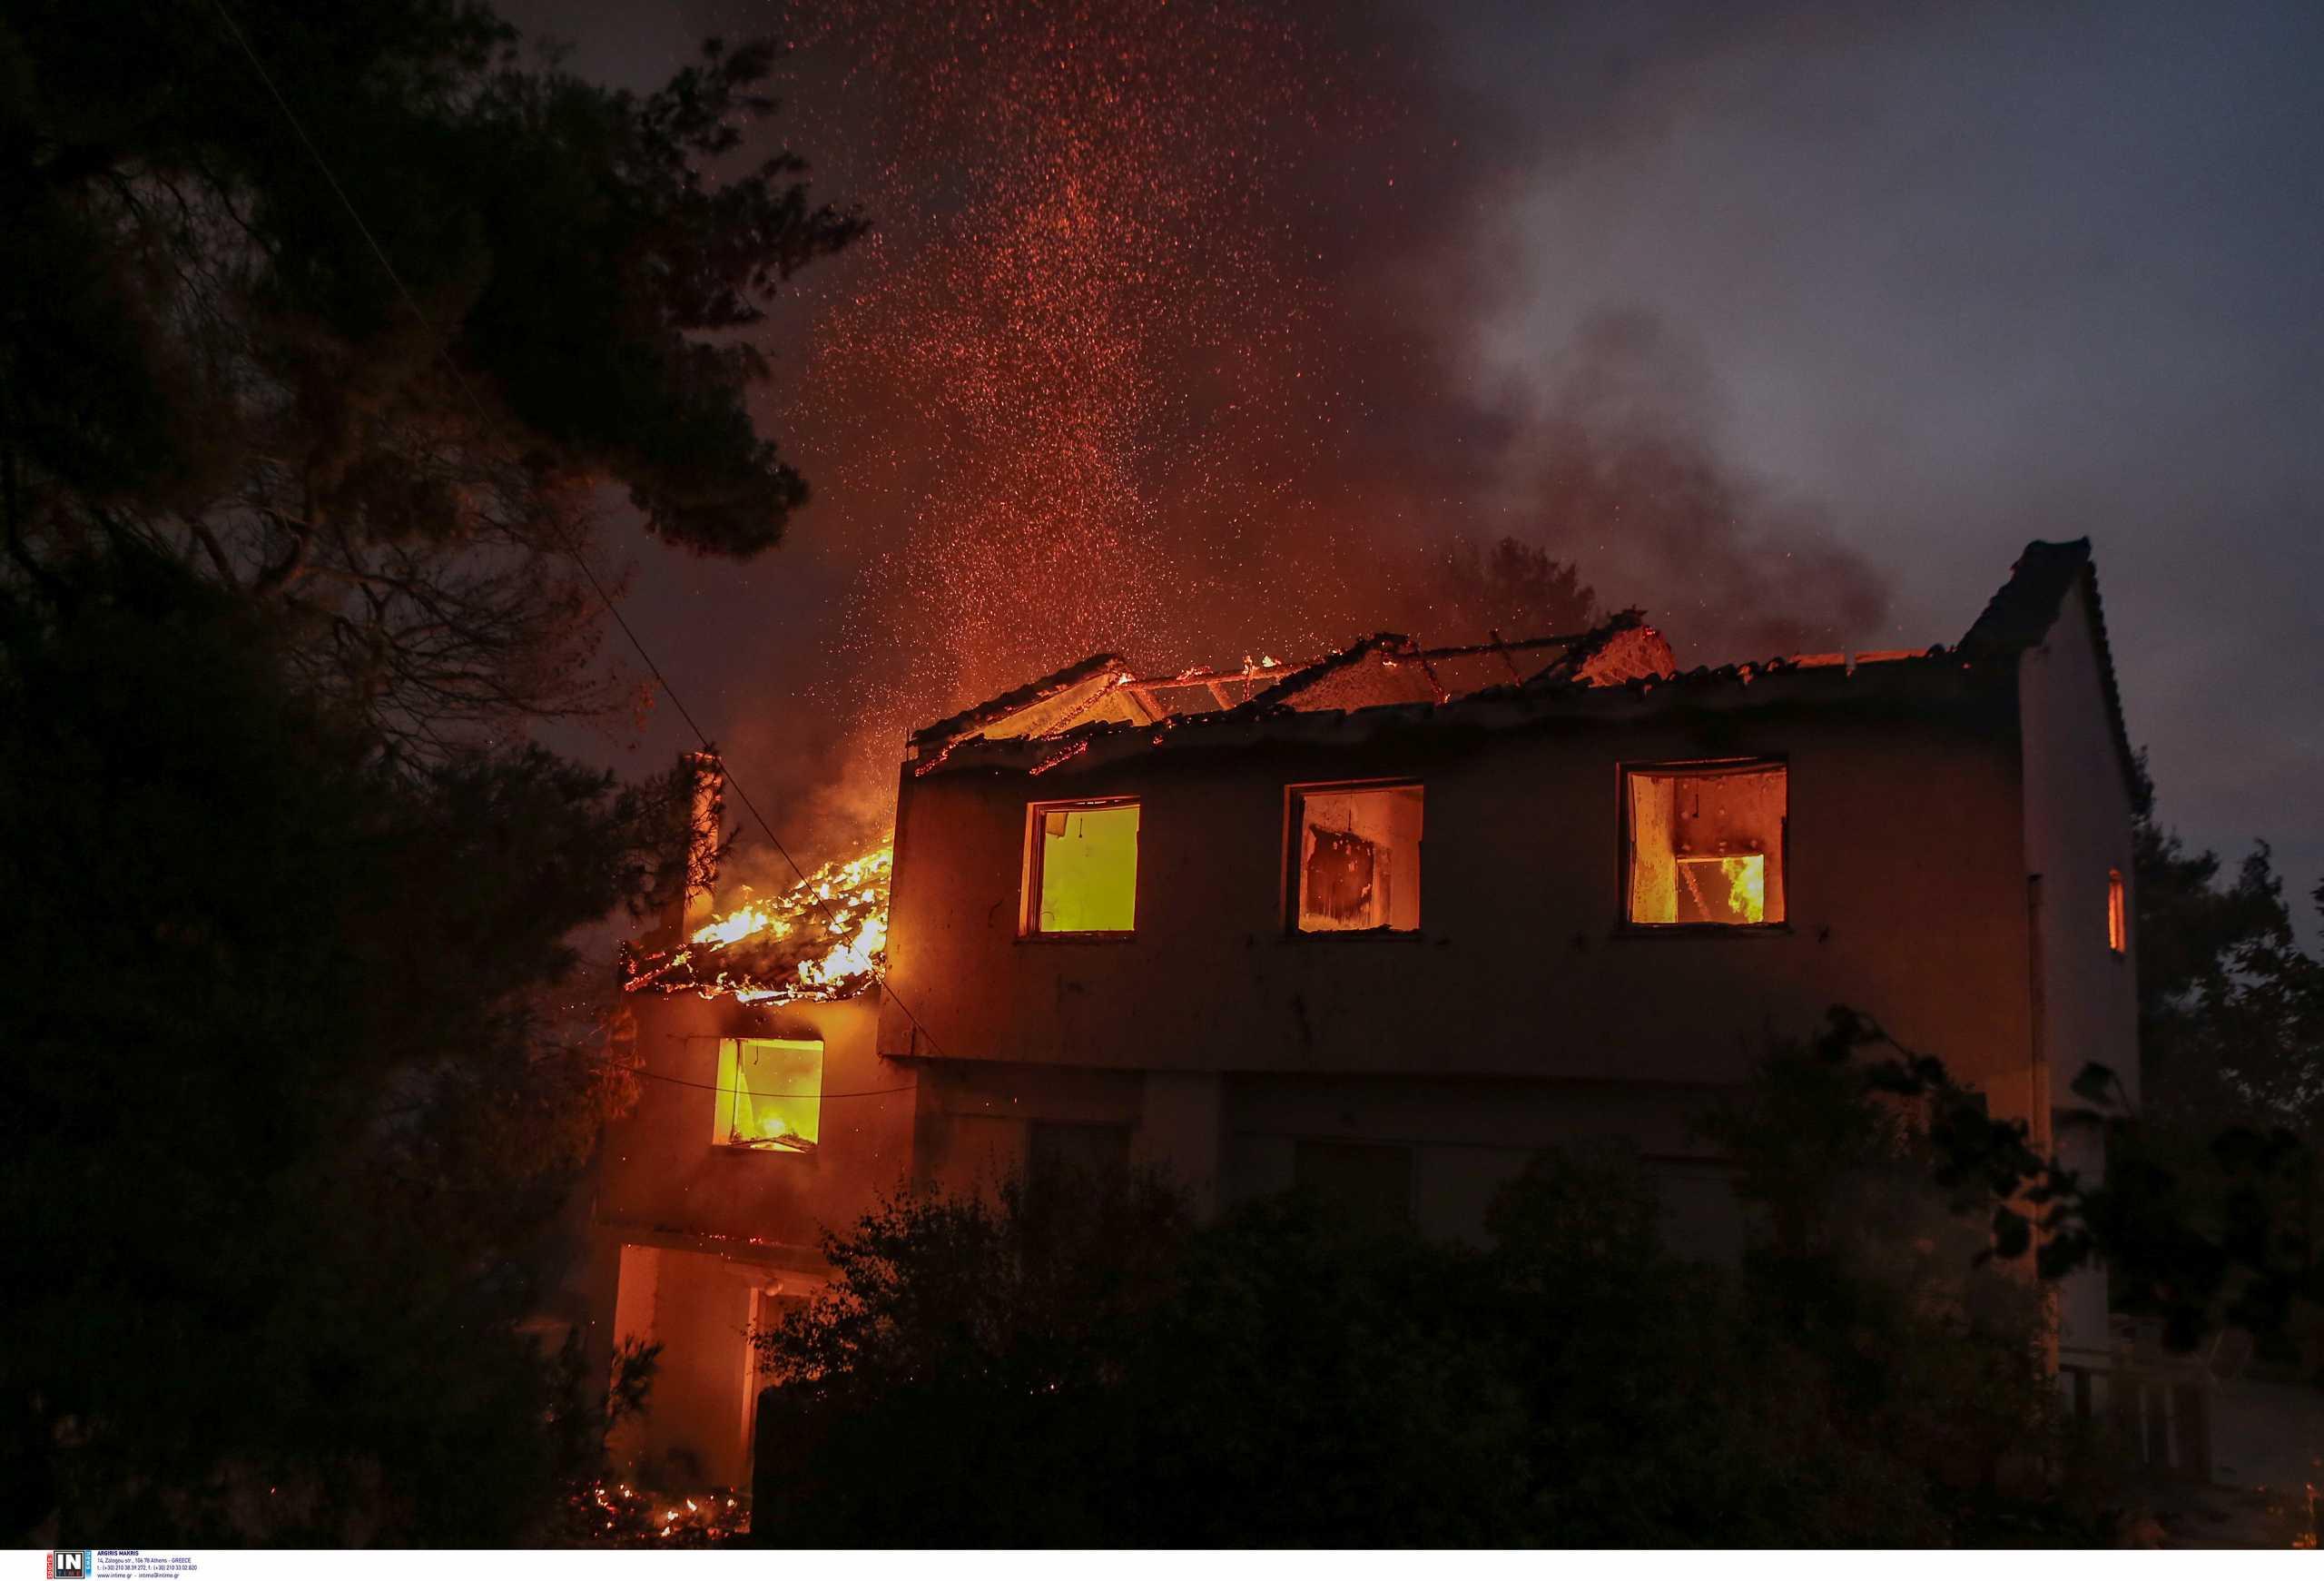 Φωτιές στην Αττική: Νύχτα αγωνίας σε Θρακομακεδόνες, Βαρυμπόμπη, Μαλακάσα και Ωρωπό